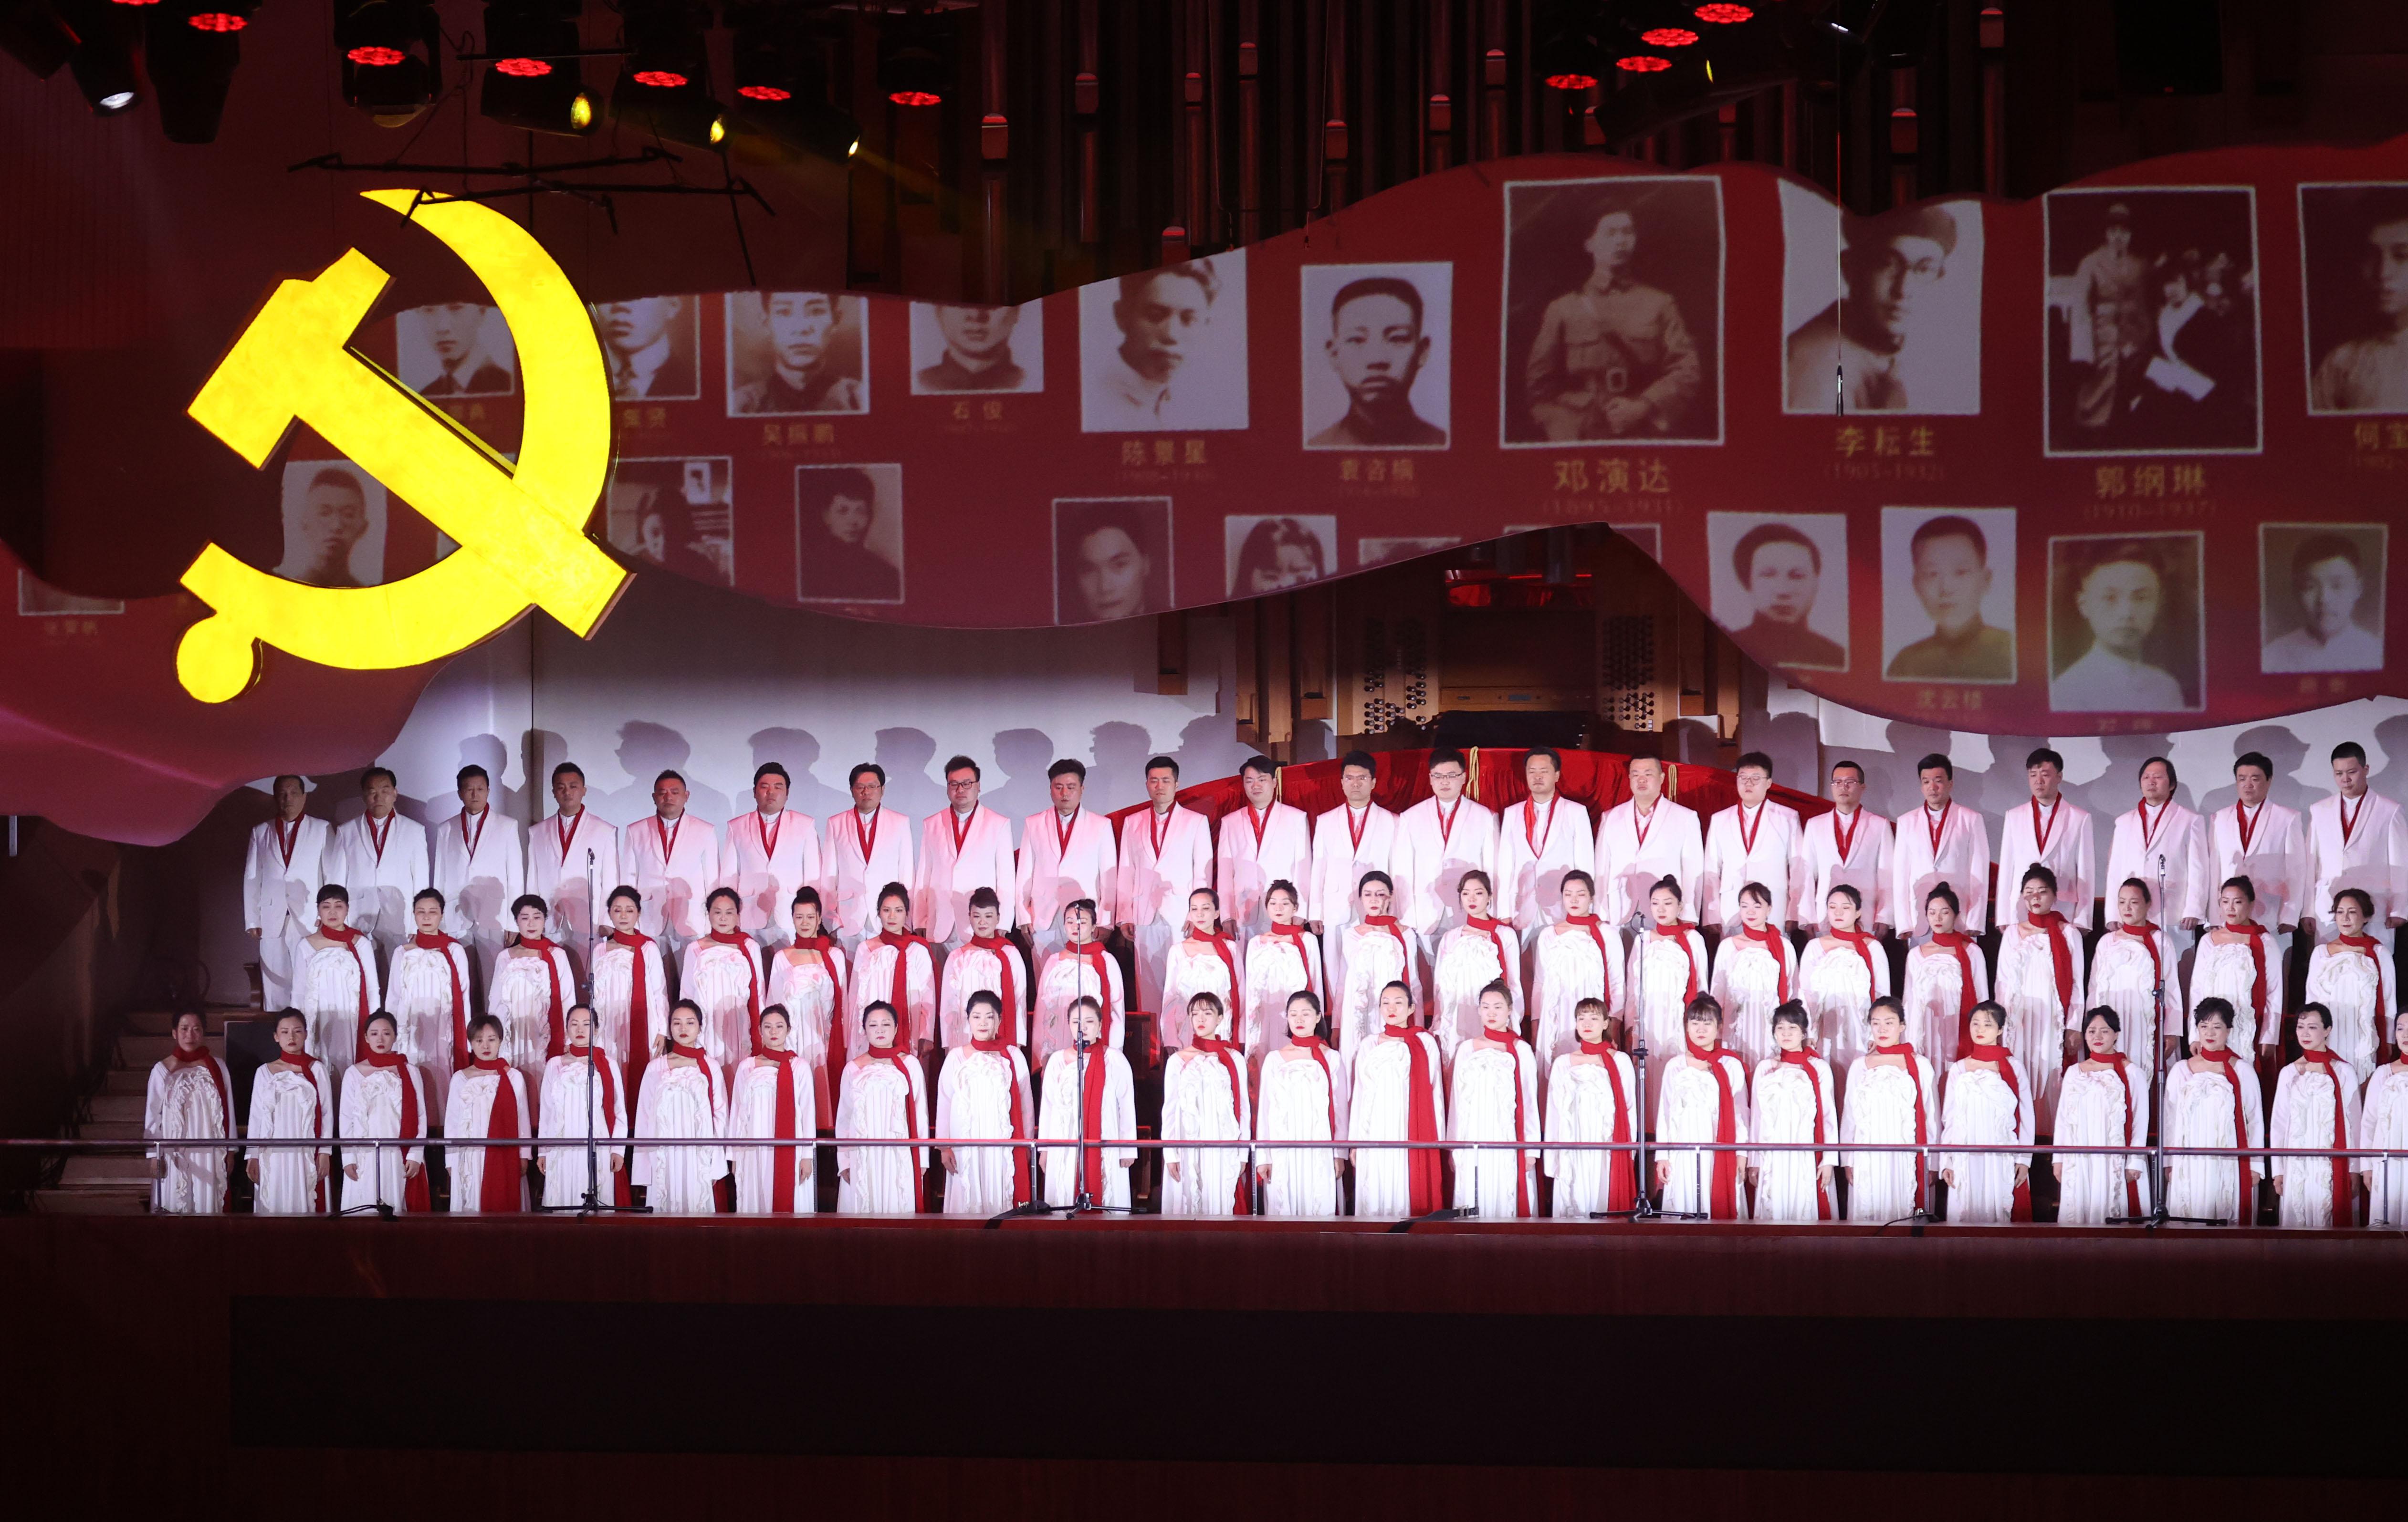 3月13日晚,庆祝建党百年主题文艺作品、大型交响组歌《雨花台——信仰的力量》在江苏大剧院上演。南报融媒体记者 冯芃摄